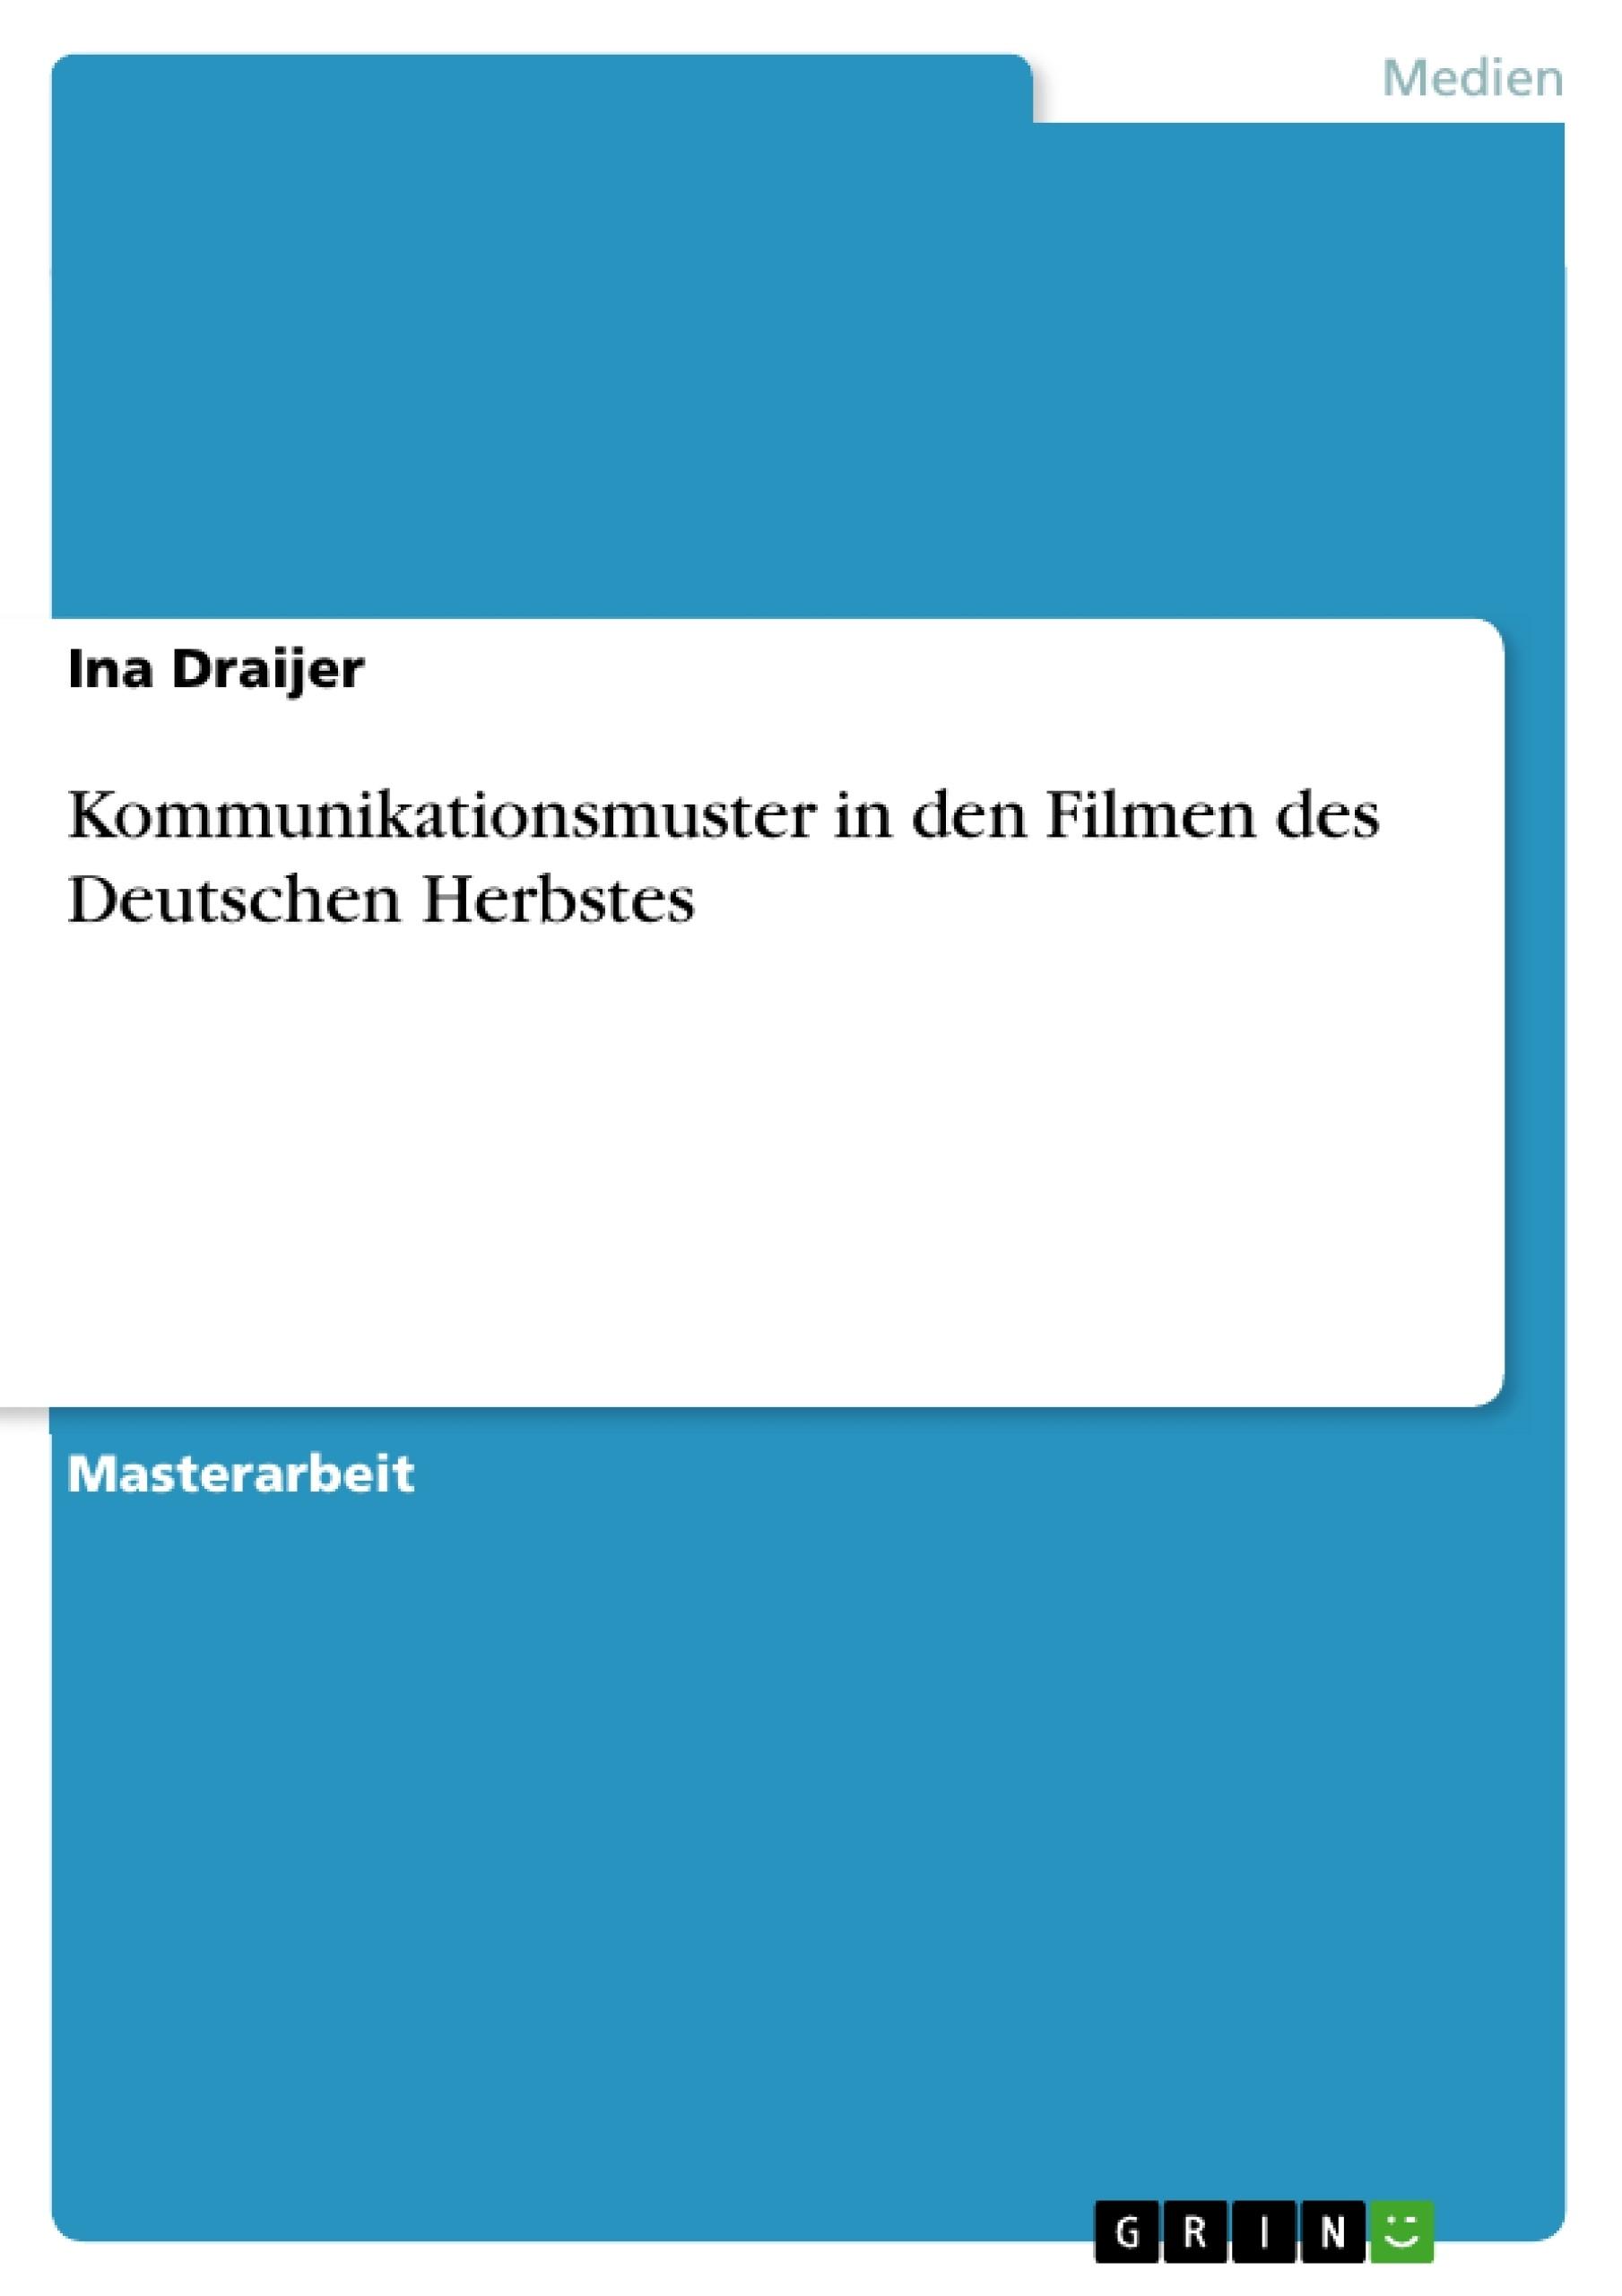 Titel: Kommunikationsmuster in den Filmen des Deutschen Herbstes